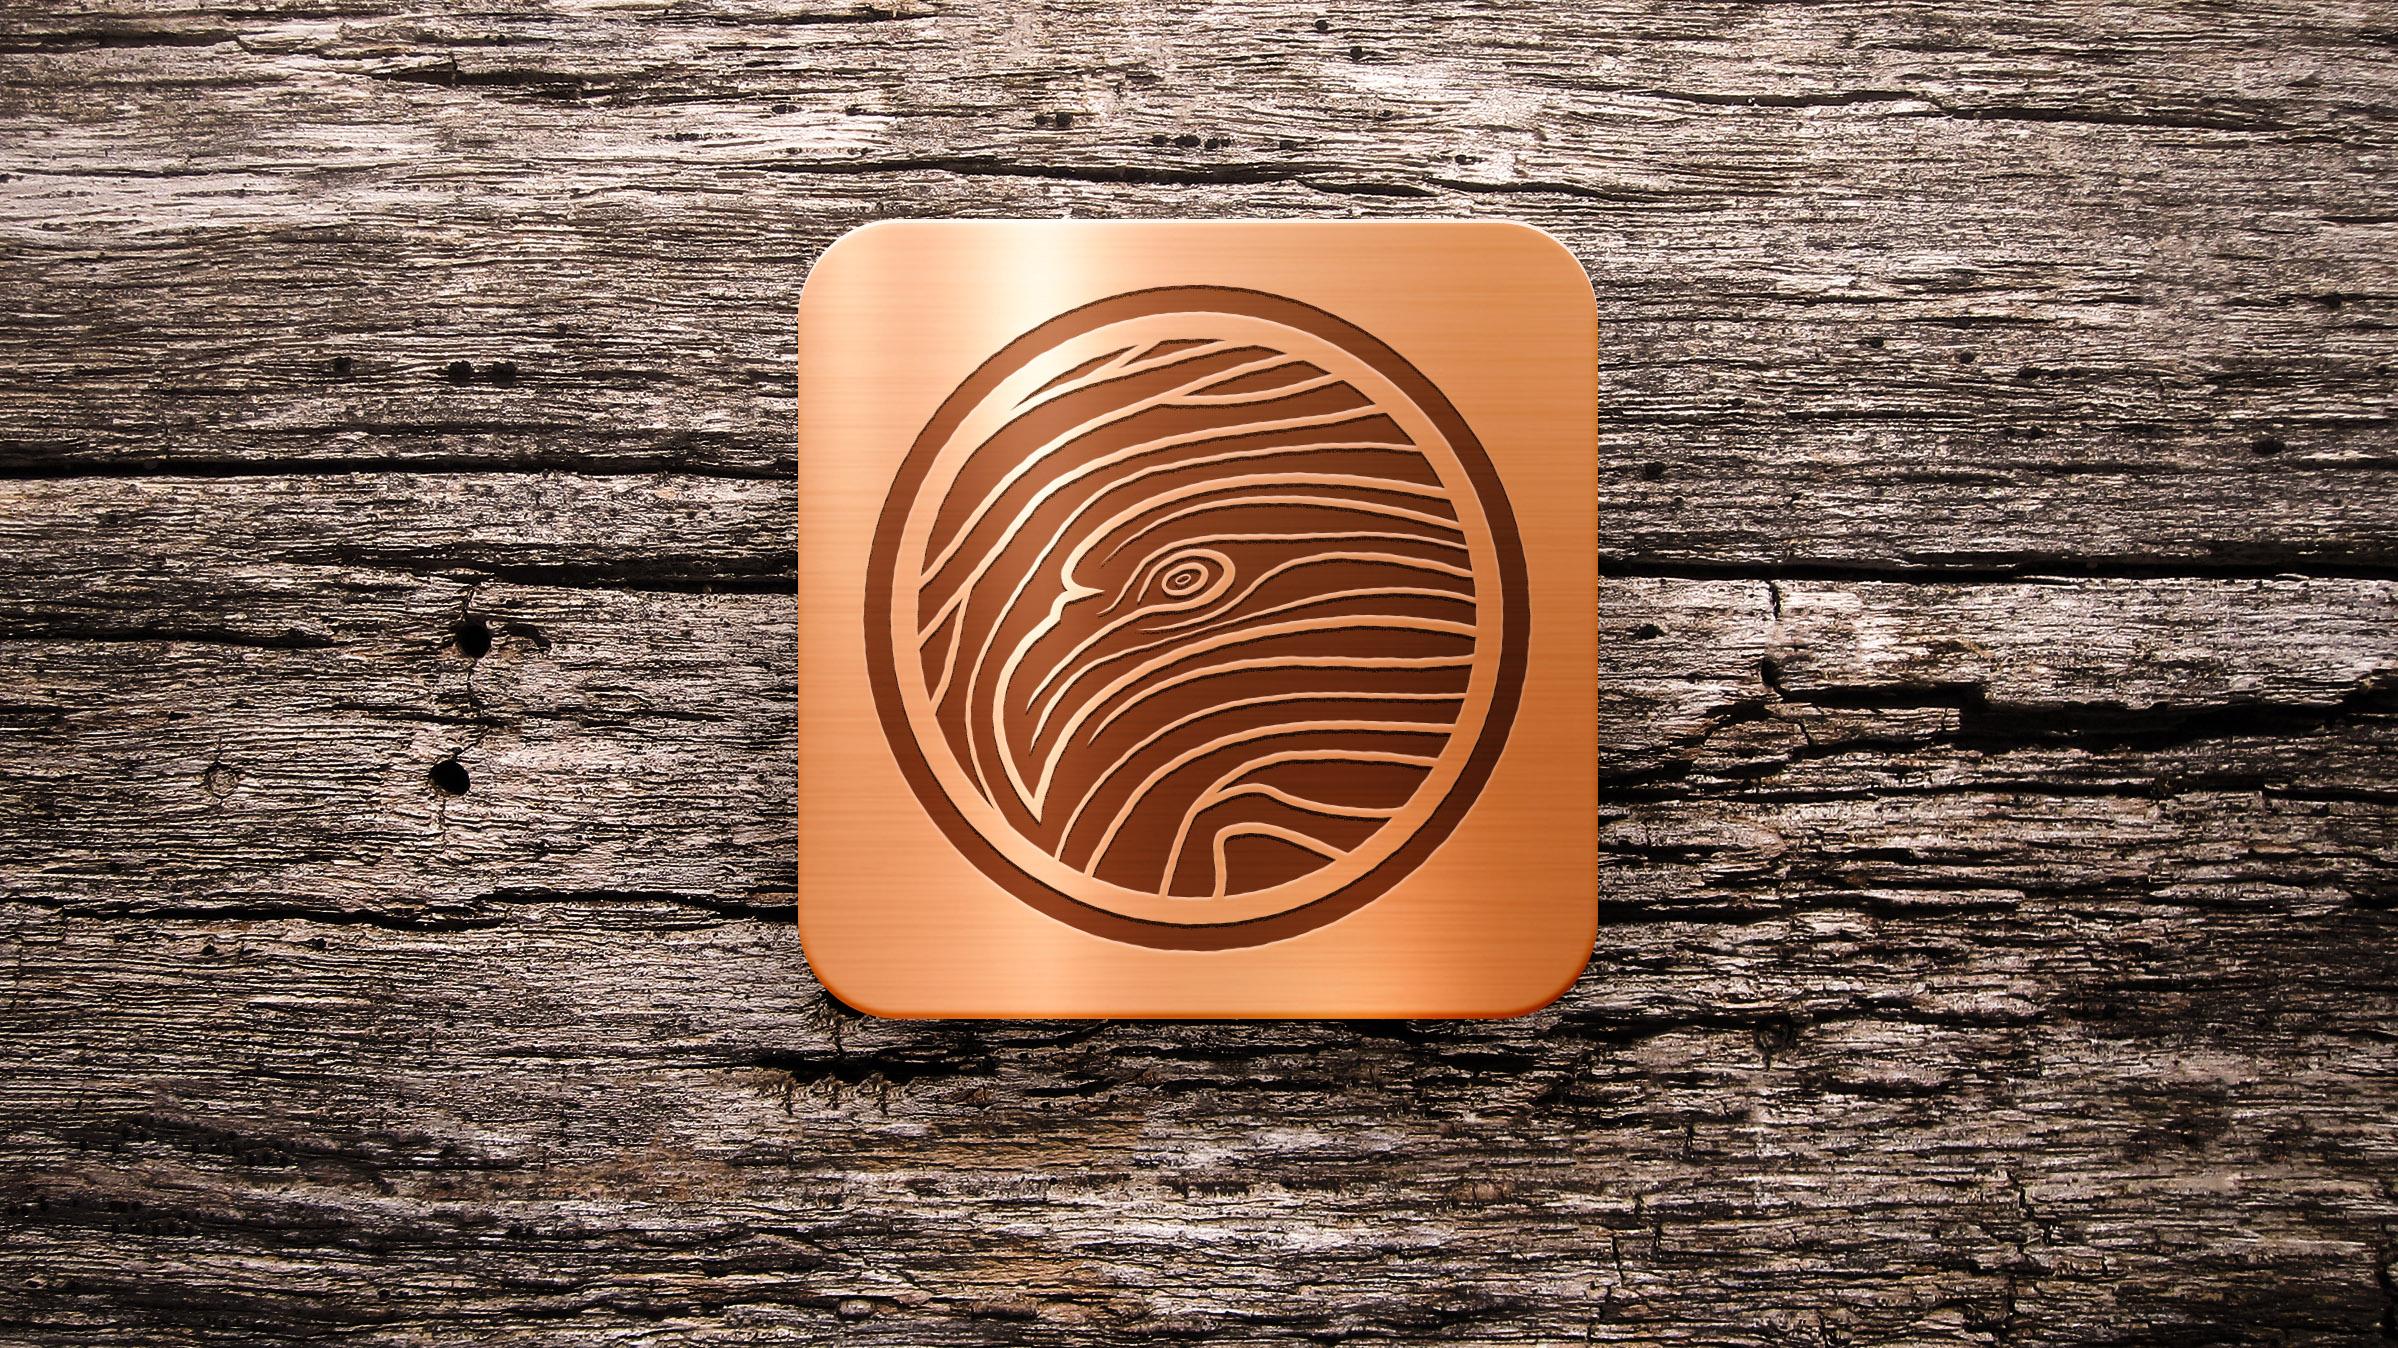 Дизайн логотипа столярной мастерской фото f_4915cfe835654f20.jpg